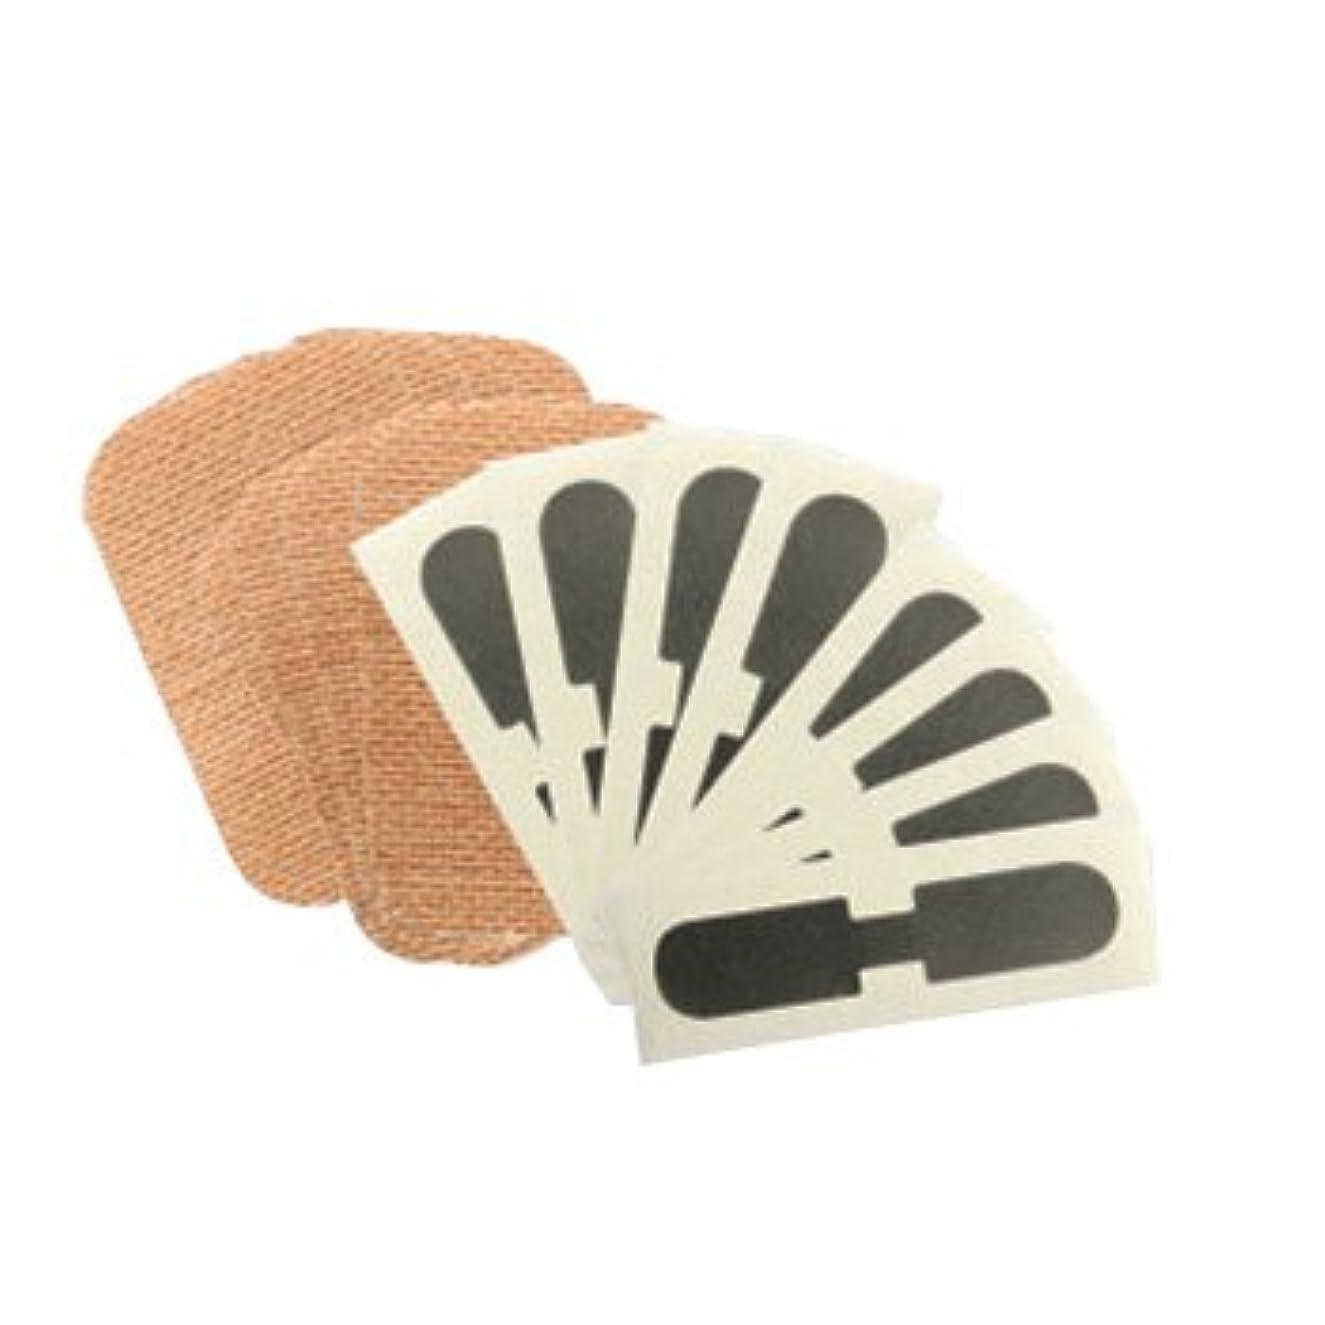 一部ボード健康的巻き爪の進行をストップ 巻き爪リフトシール 8枚入り(4週間分)